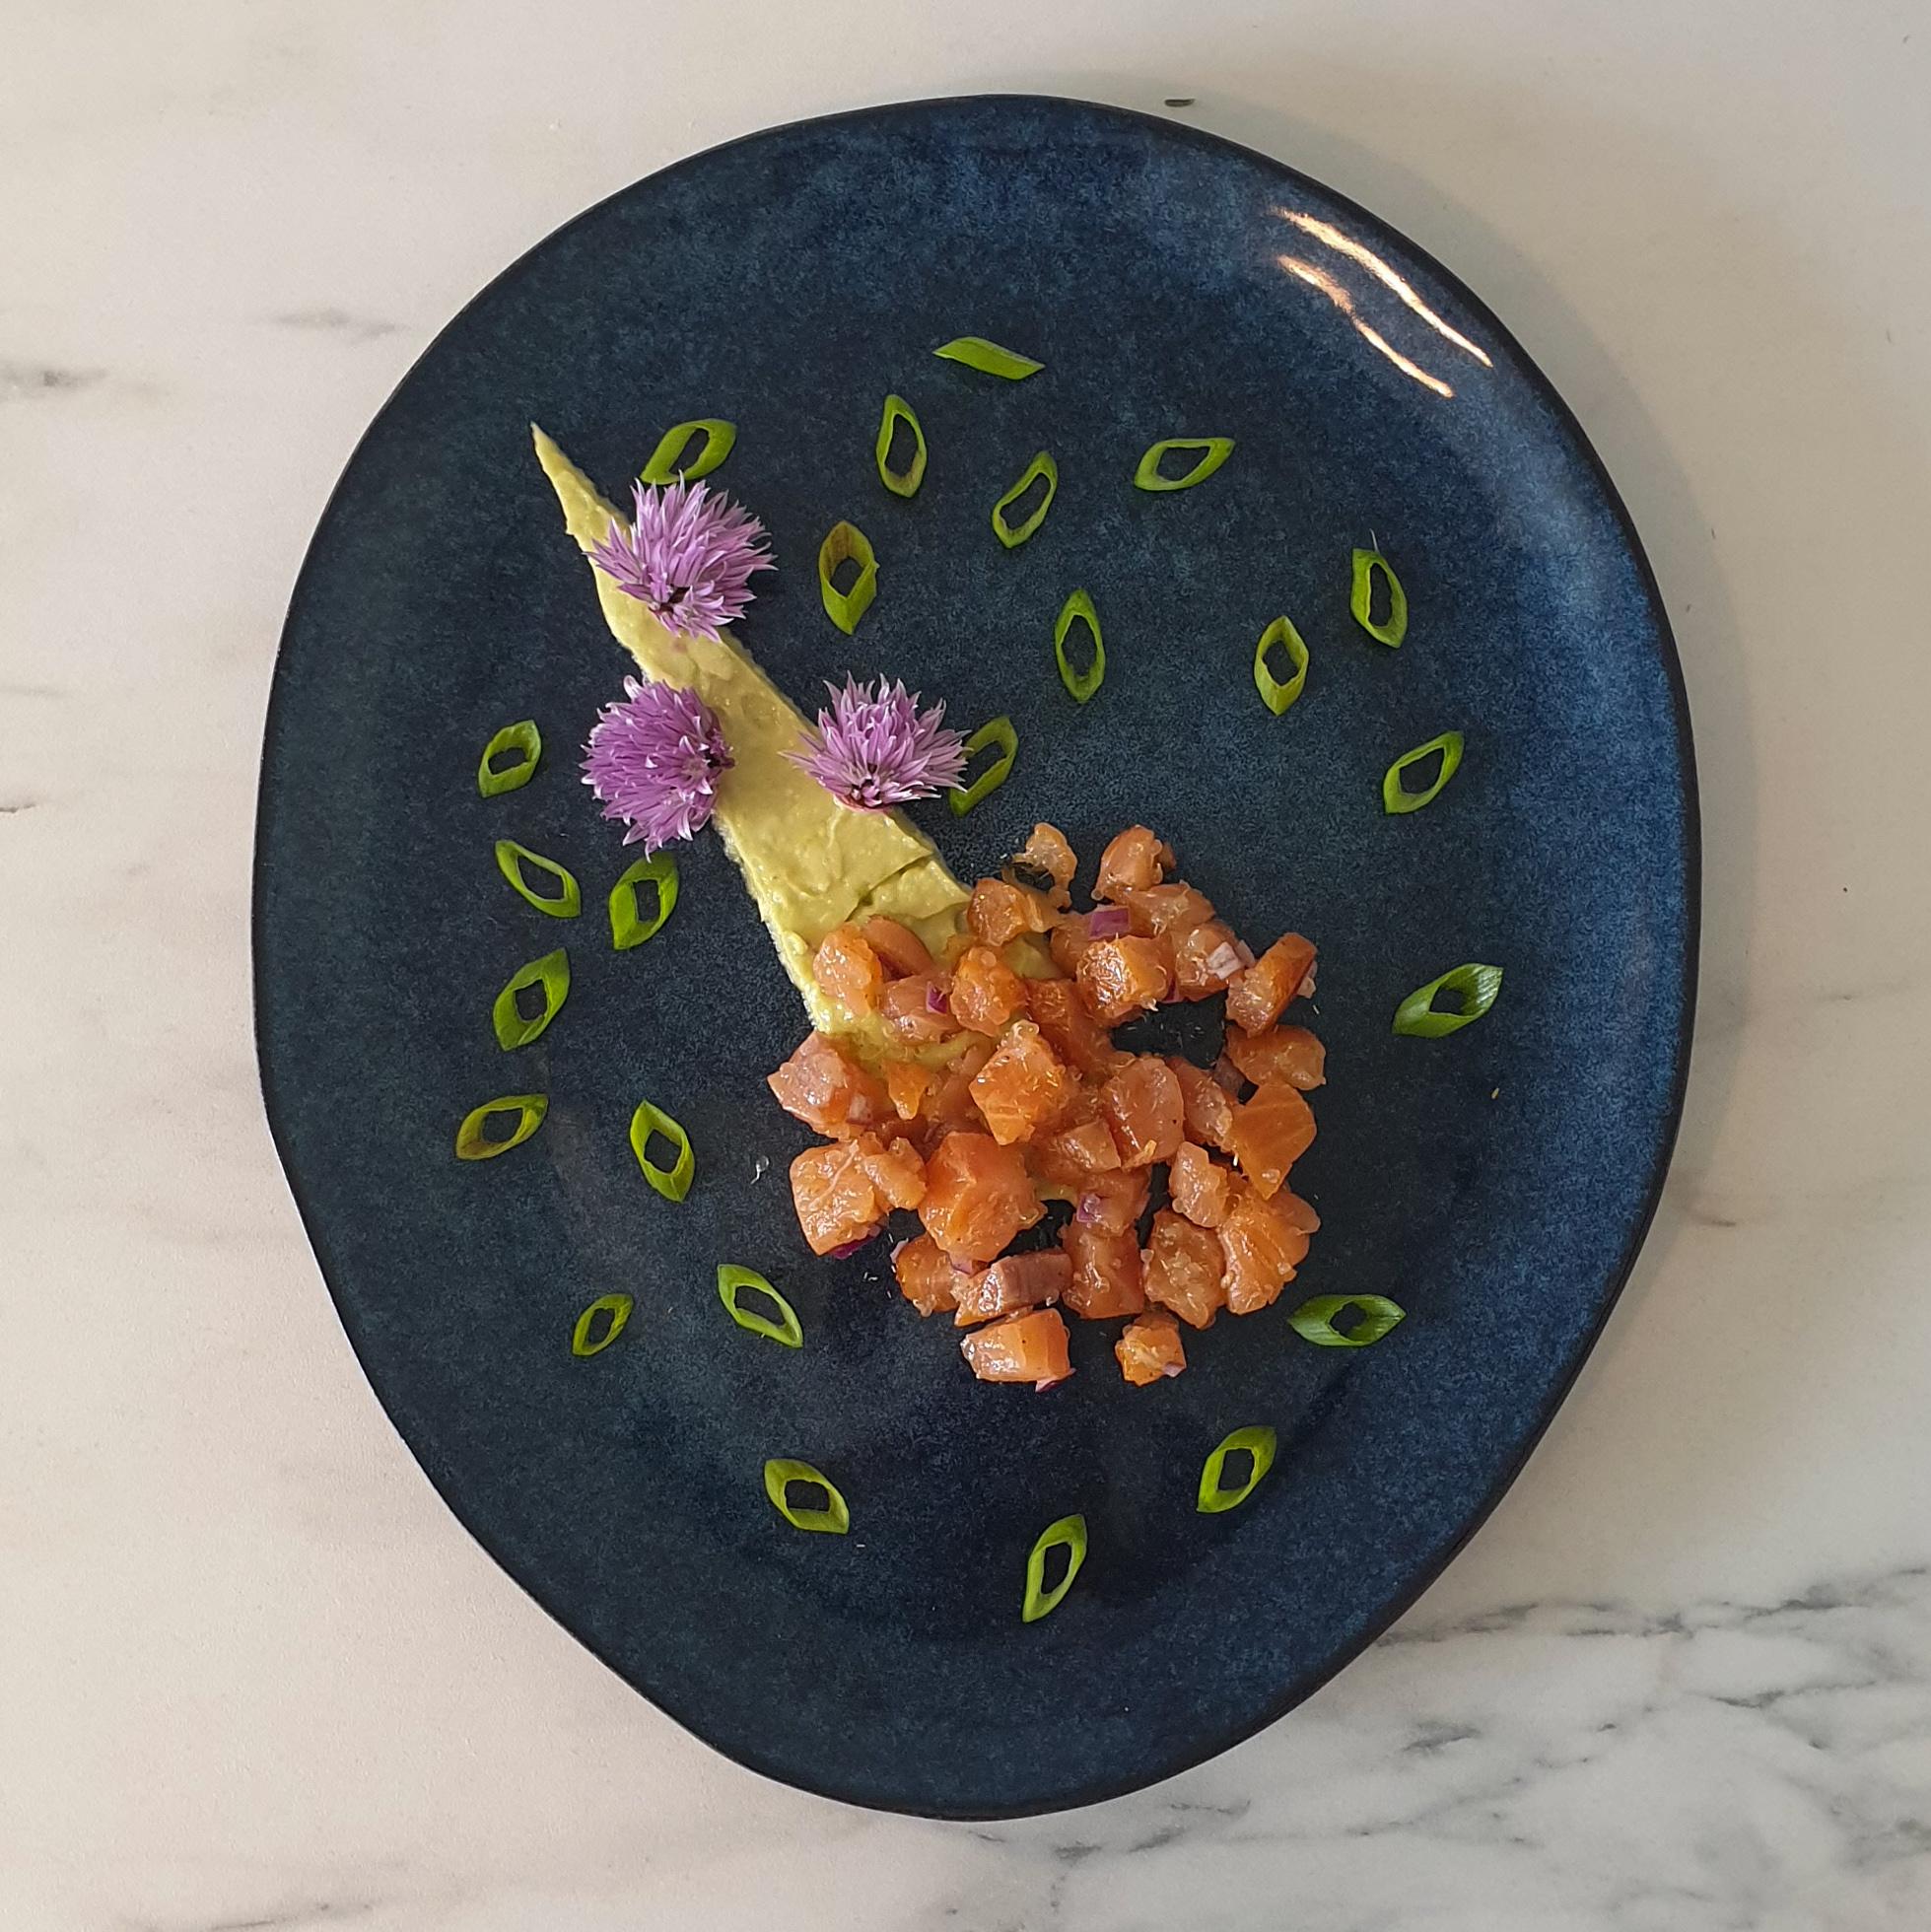 Tartare de saumon fumé au bois de hêtre, poivre de sapin, citron caviar et guacamole